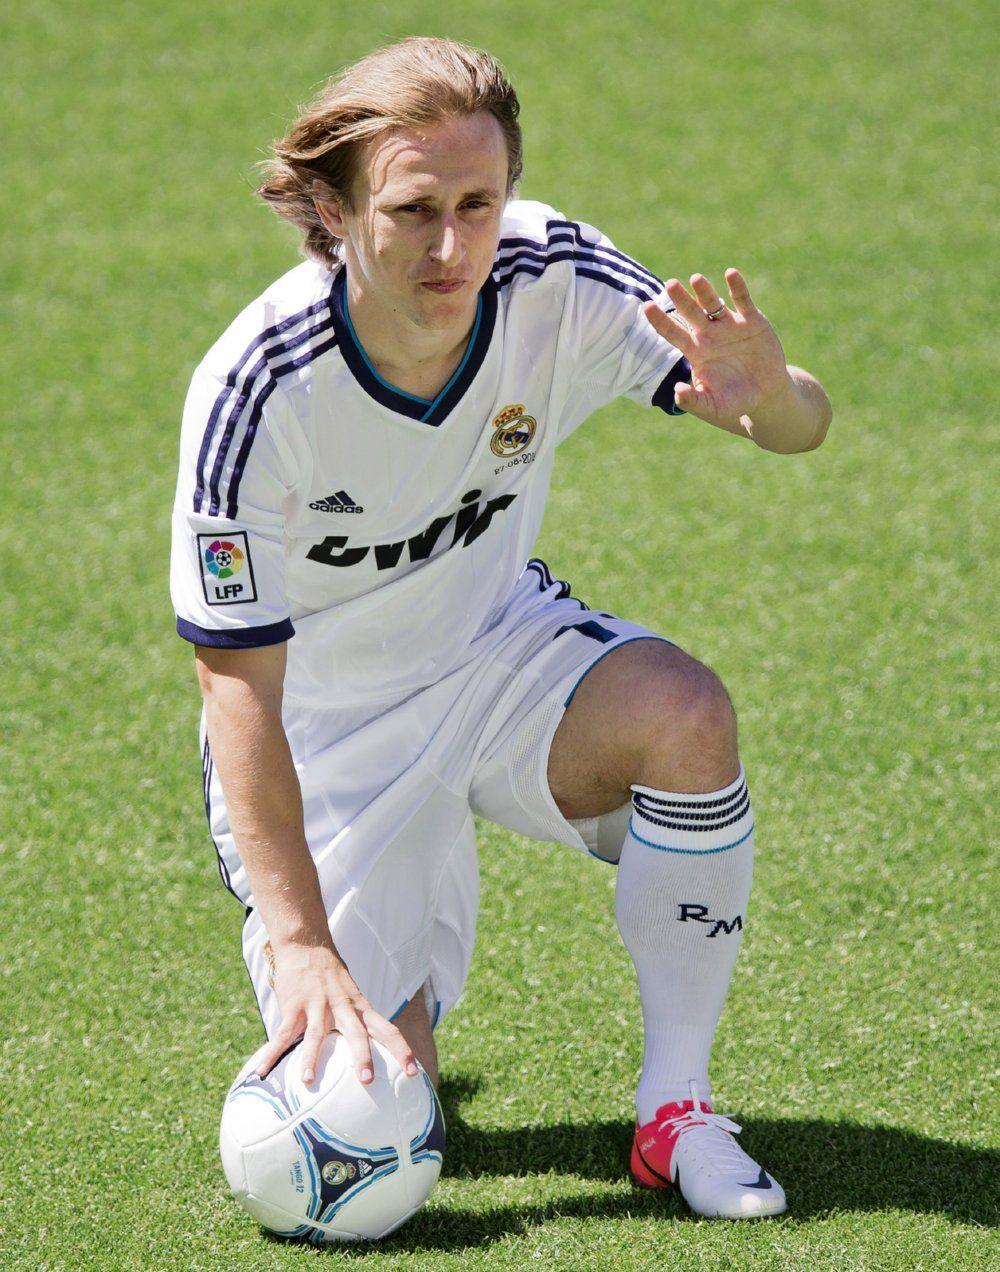 Nampaknya perburuan United bergeser ke gelandang Real Madrid, Luca Modric, wah makin panas nih laga BPL musim depan #NexSoccer